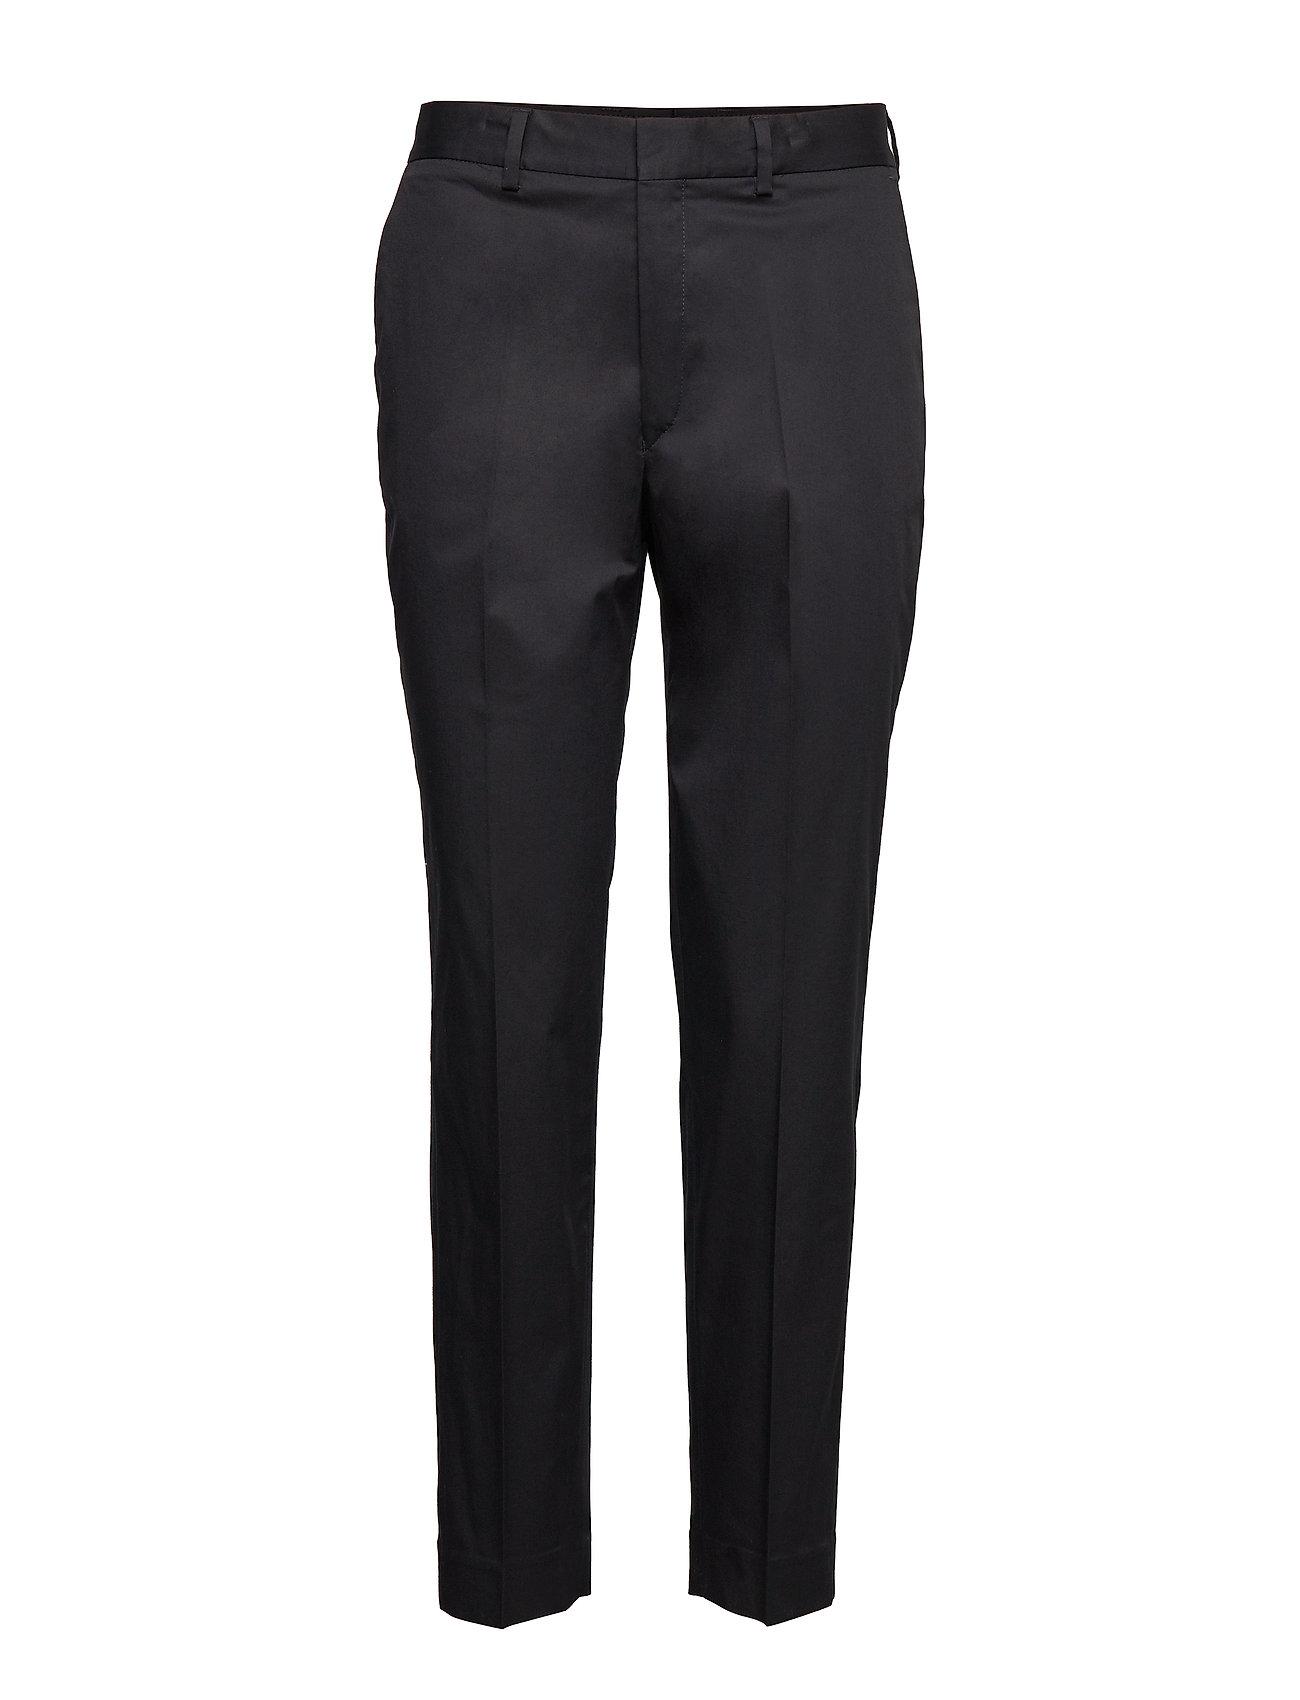 Image of Emma Cotton Trouser Bukser Med Lige Ben Blå Filippa K (3347377607)